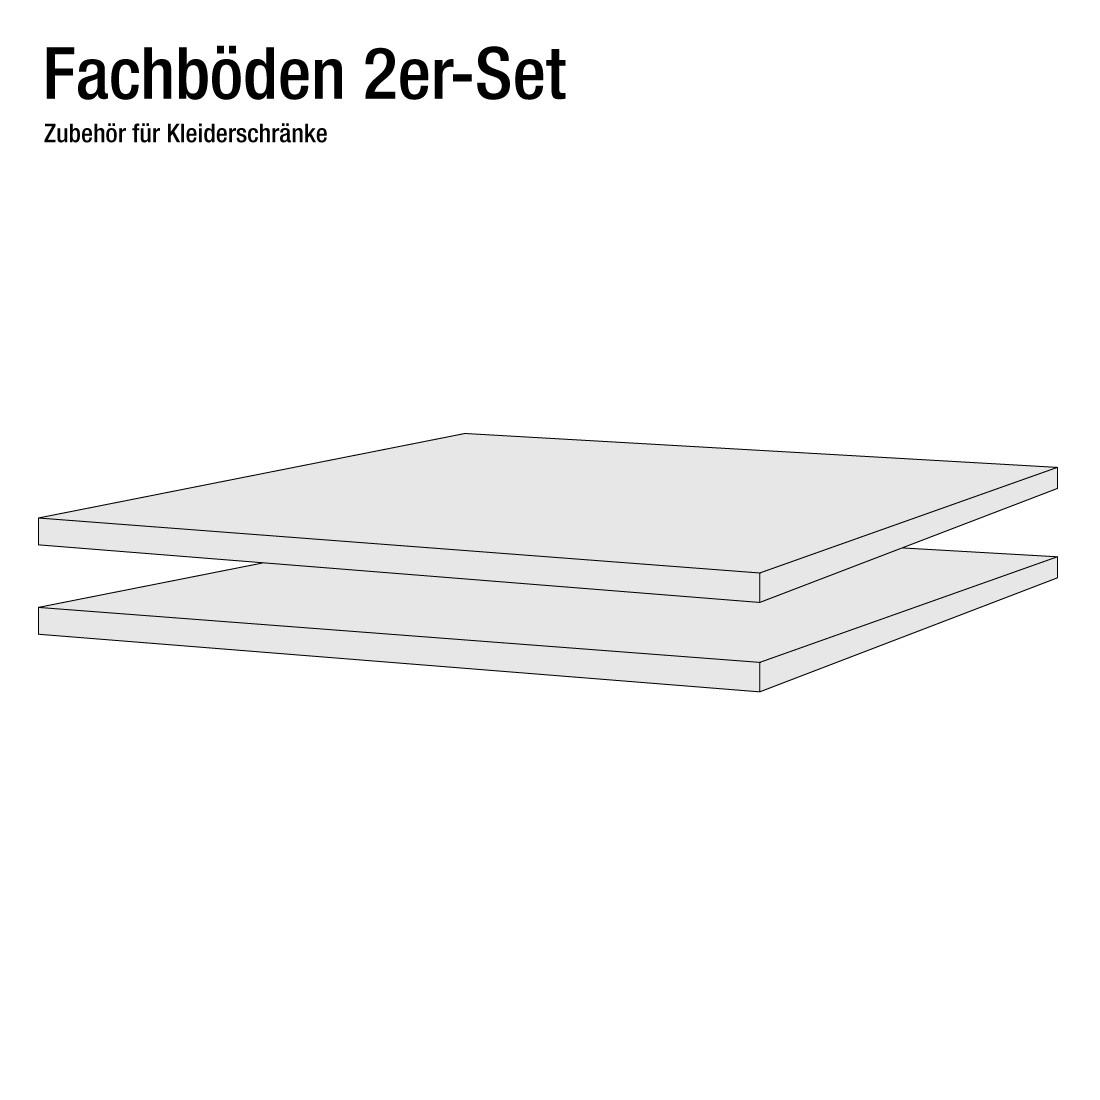 50er Fachboden (2er-Set), fresh to go